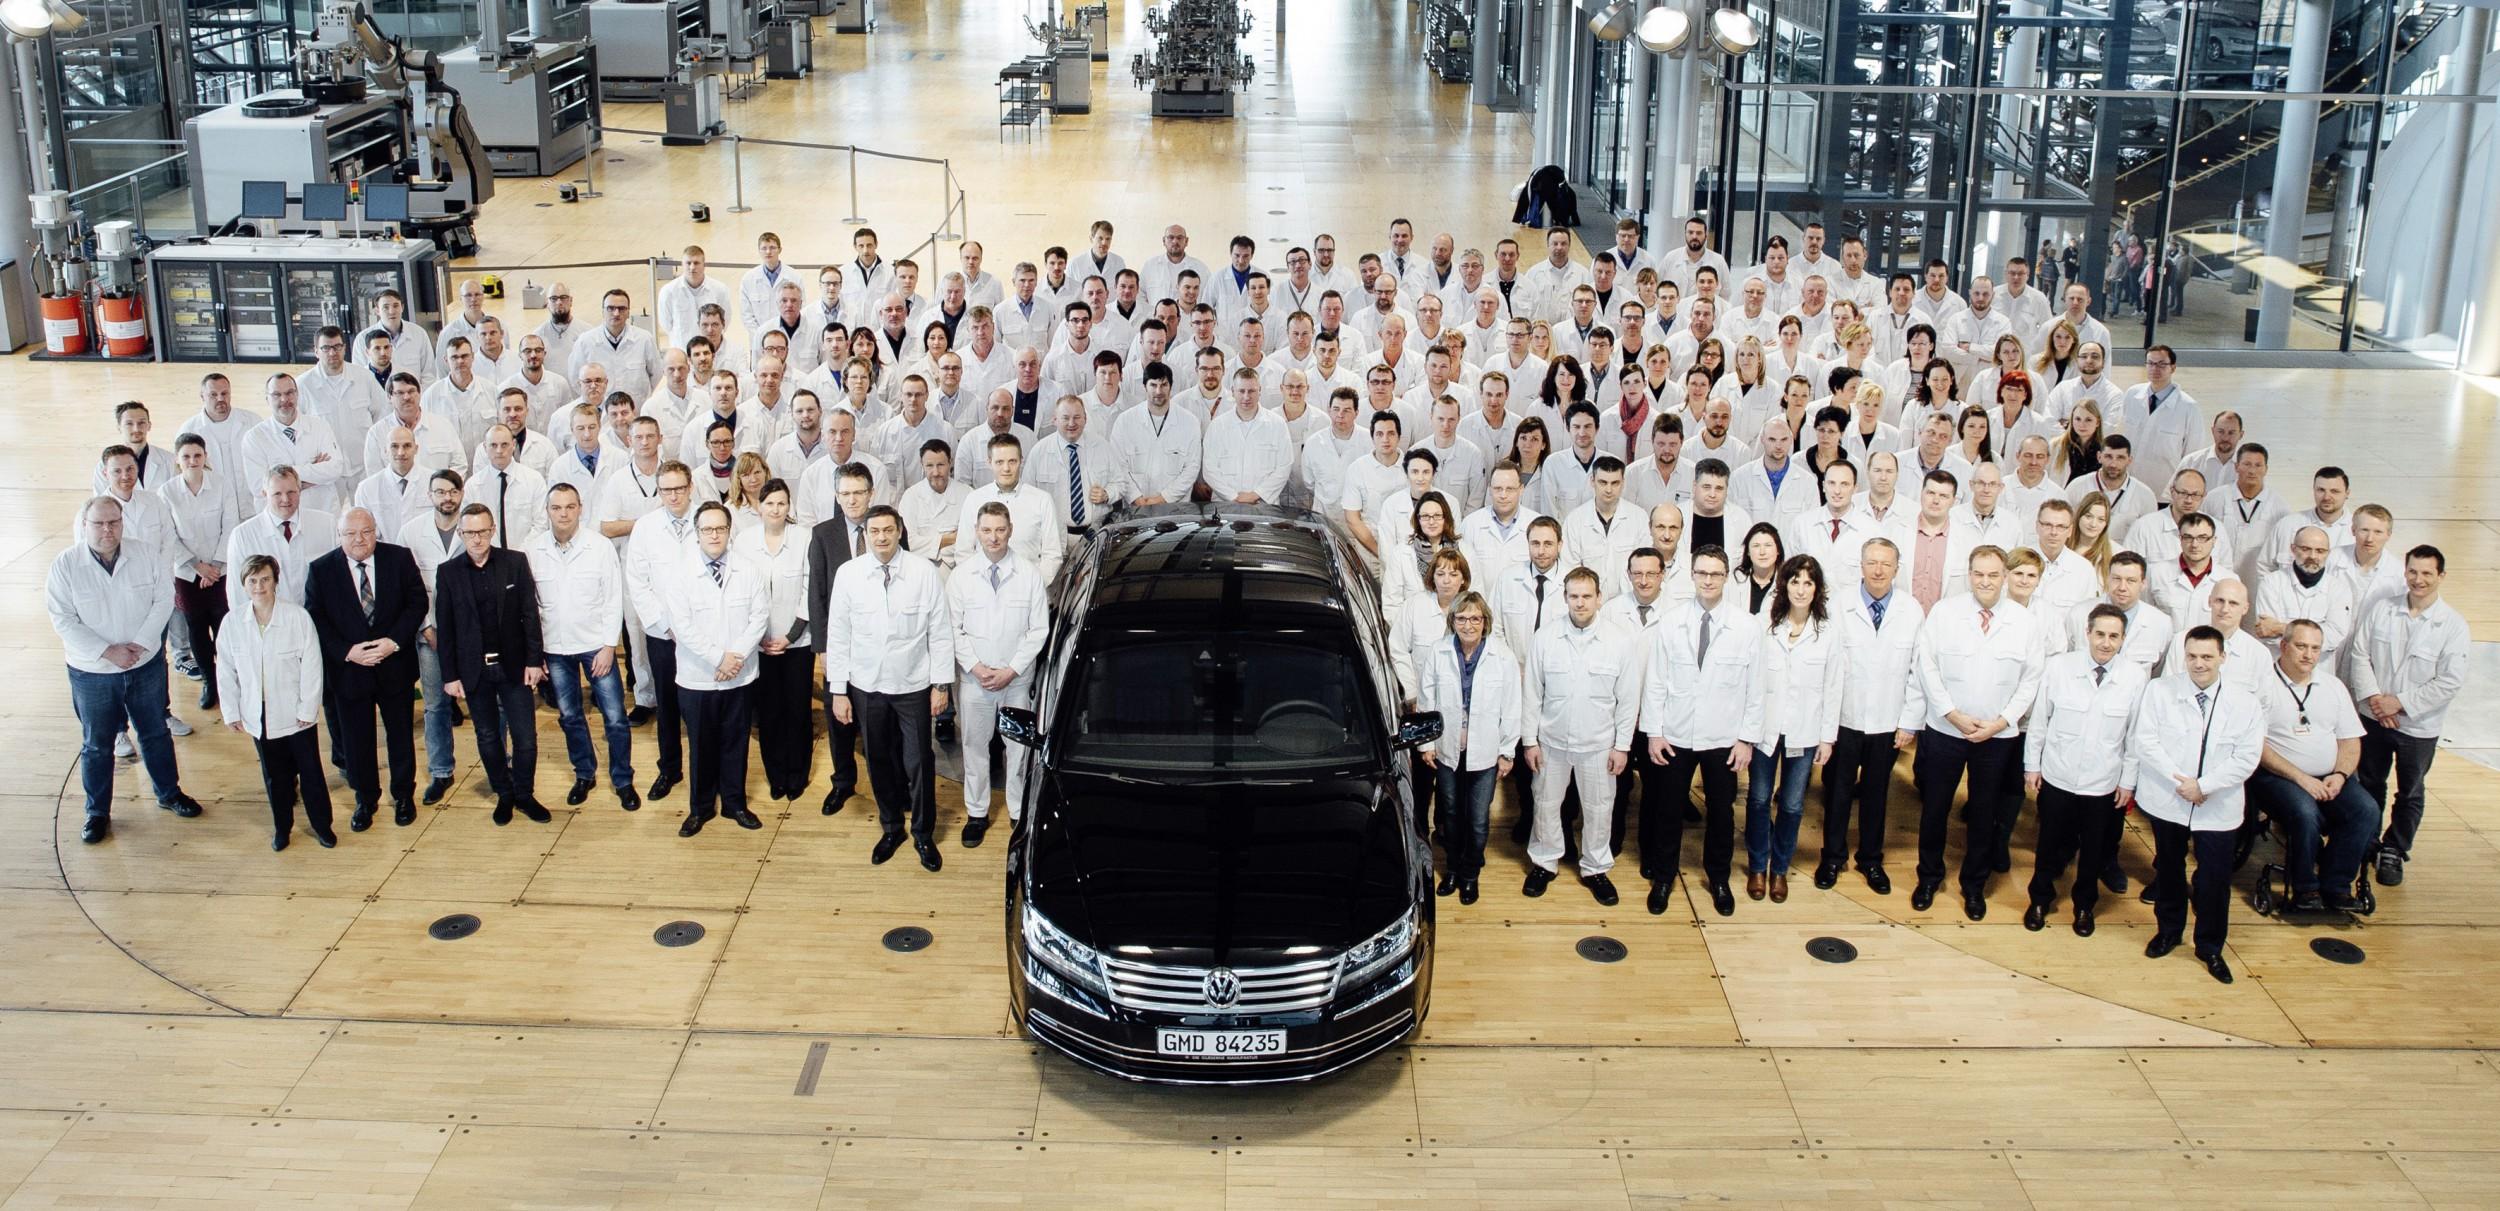 De laatste Volkswagen Phaeton.